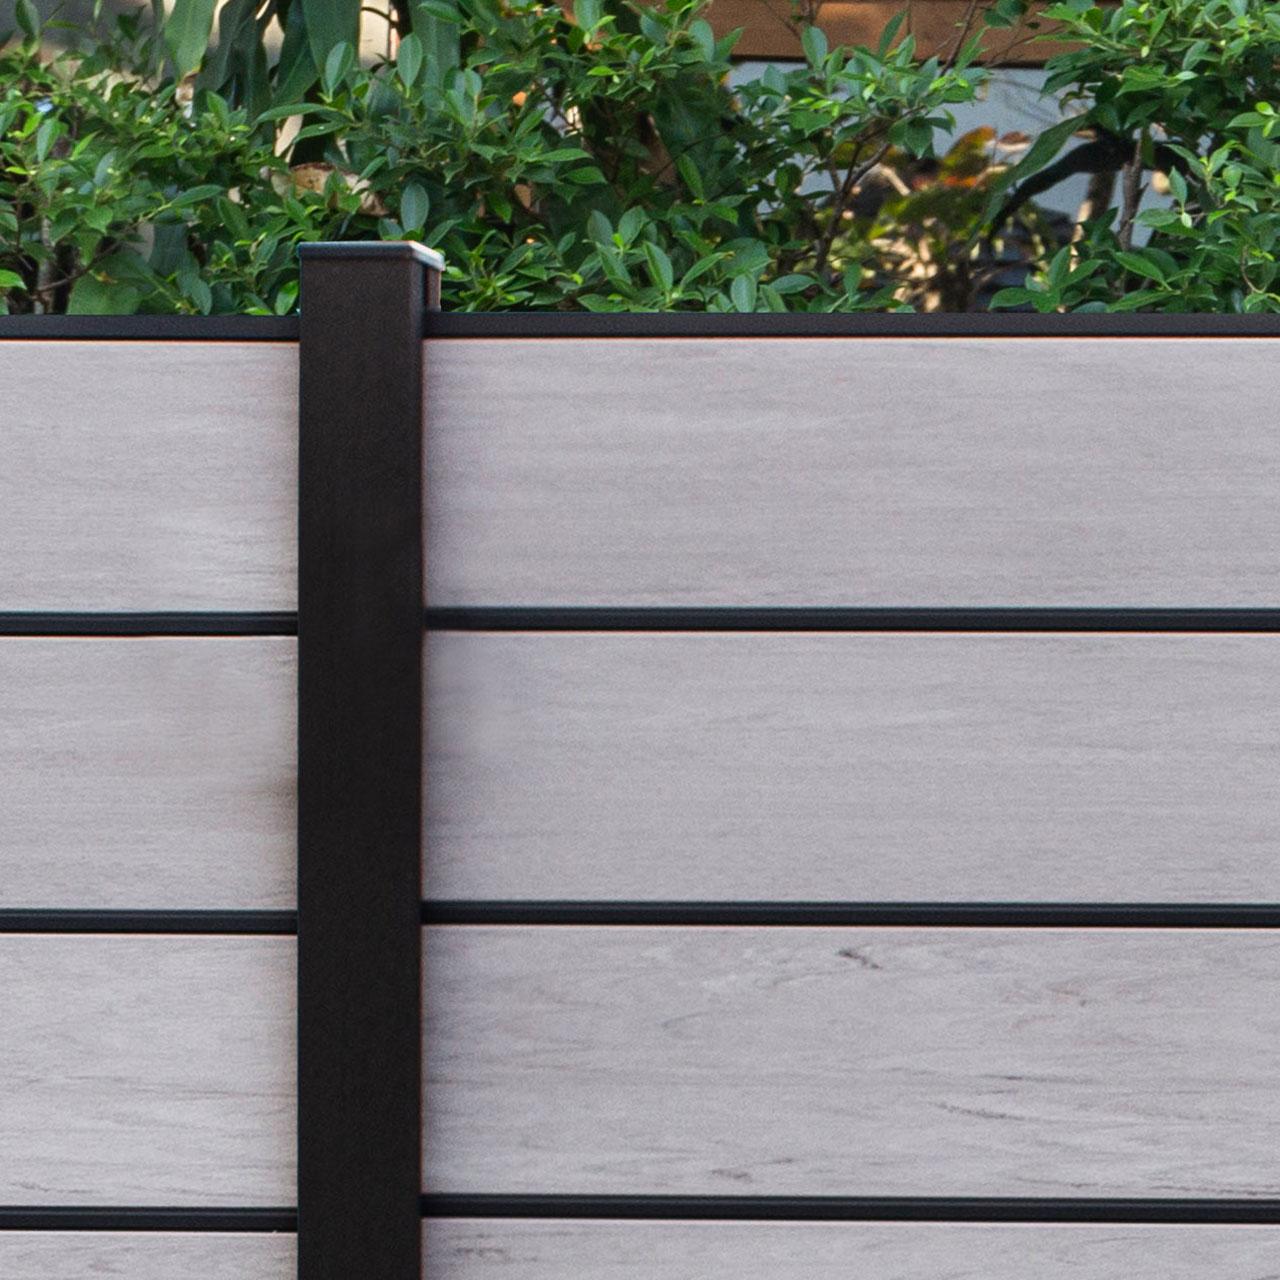 Bpc Sichtschutz Steckzaun Solid Xl Mit Alu Dekorleisten Bicolor